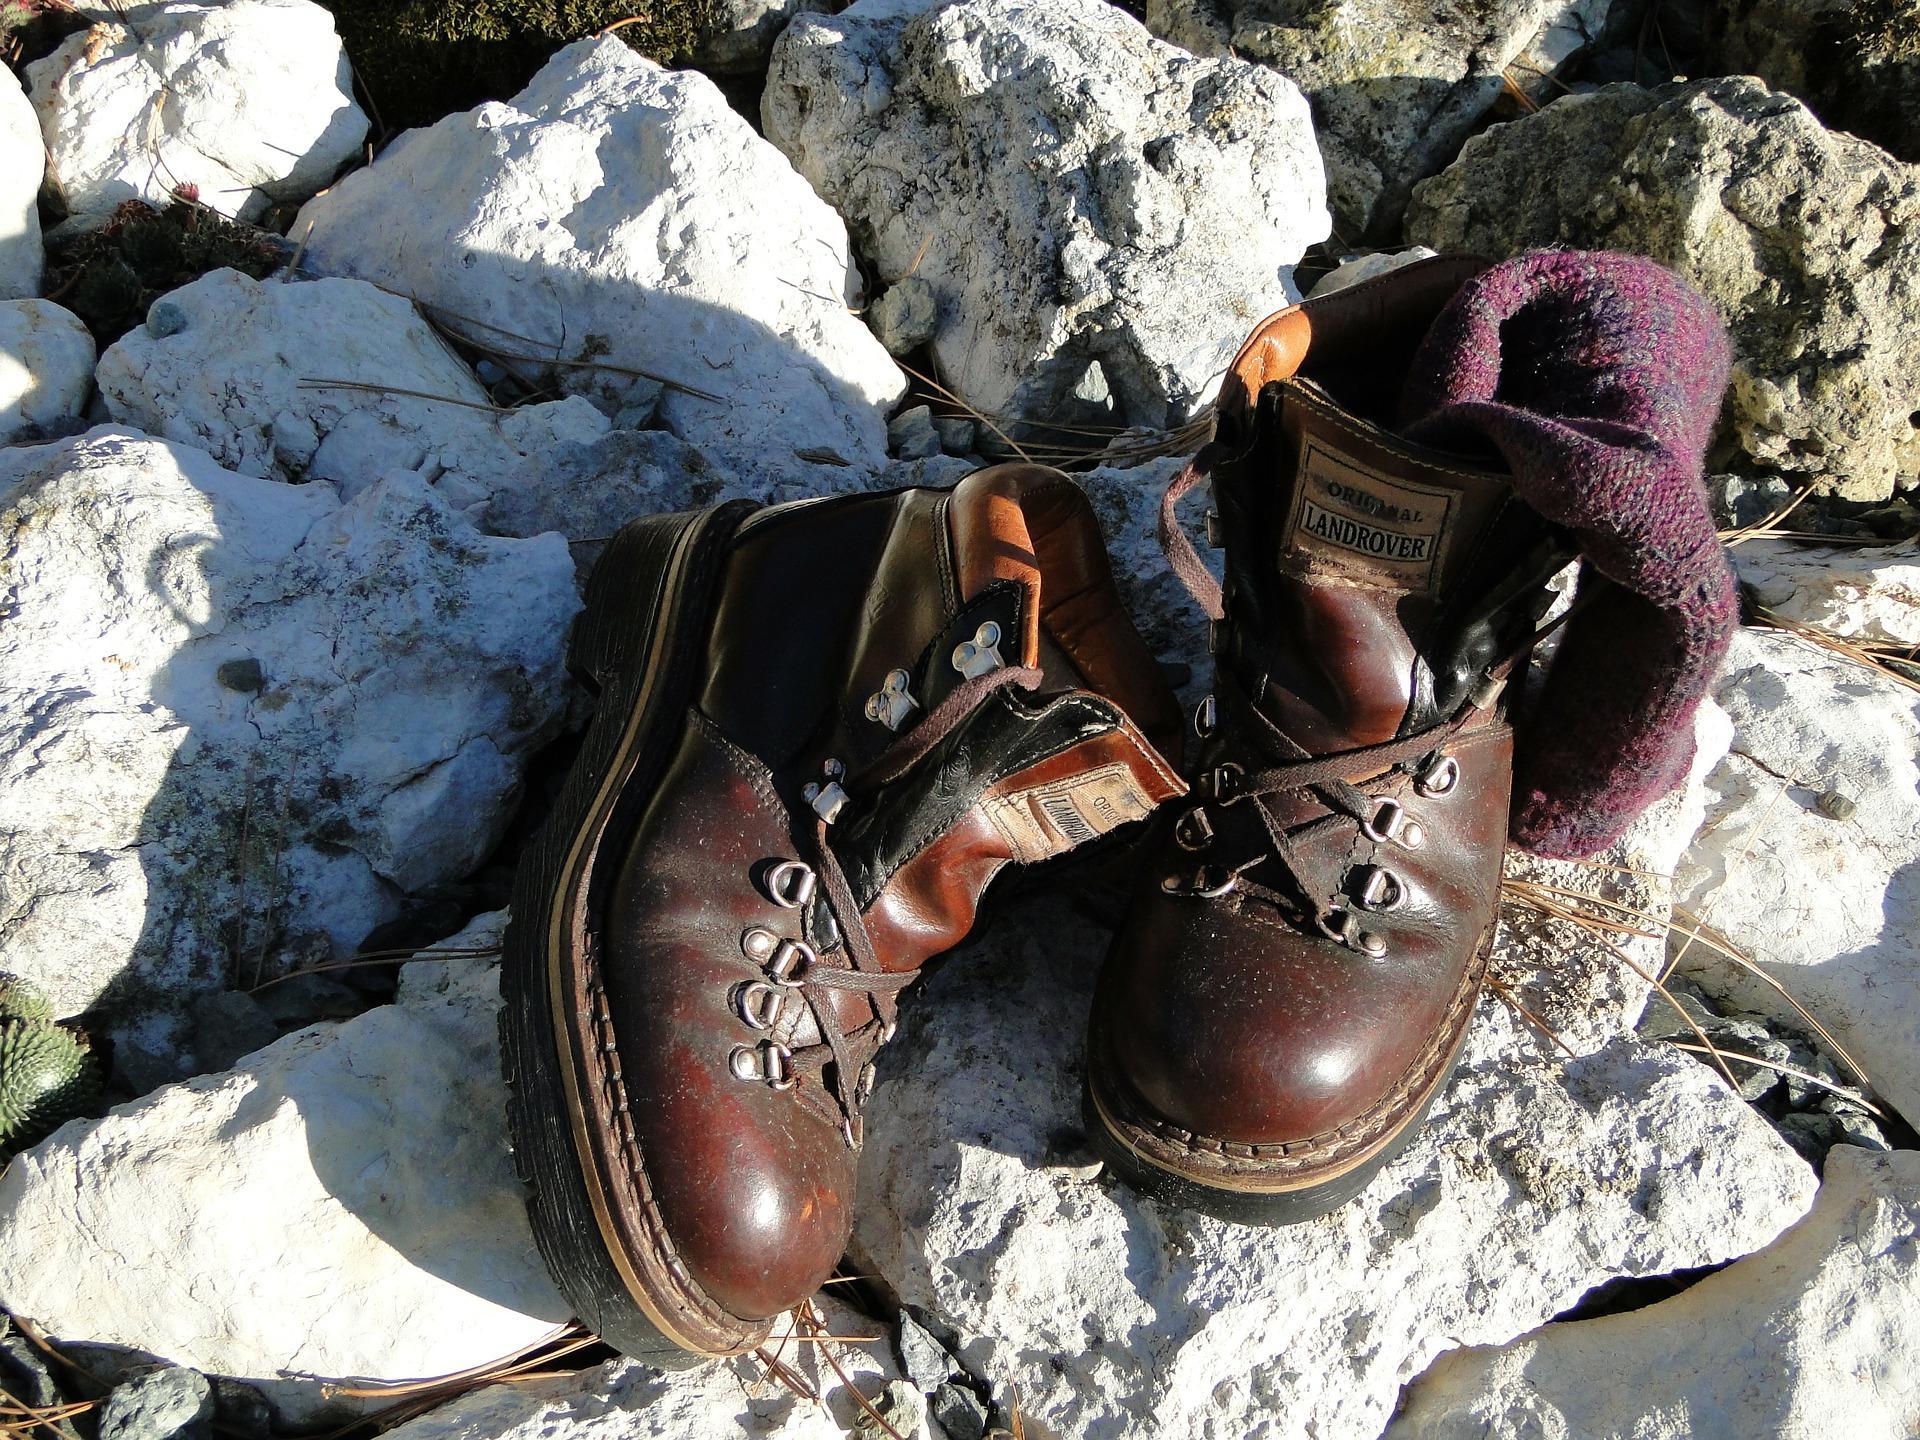 たまの使用にはレンタルがおすすめ!登山靴のレンタル方法を紹介